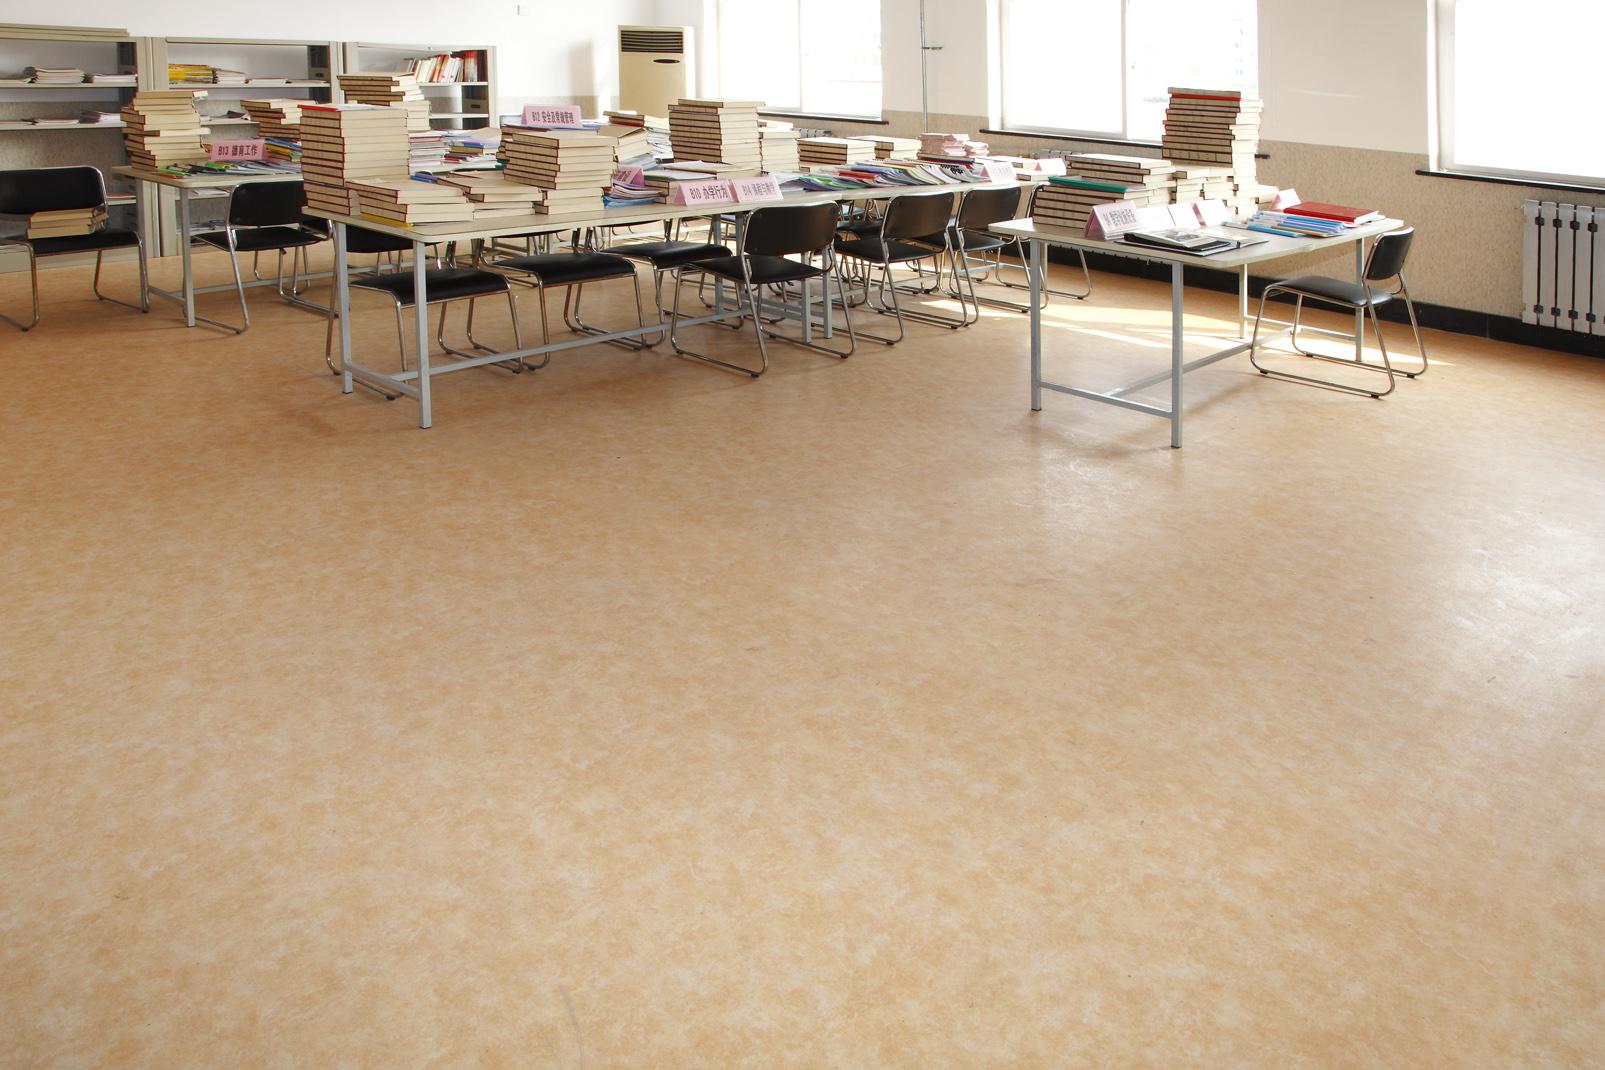 不同年龄段不同教育场所的塑胶地板设计区别【腾方PVC地板】